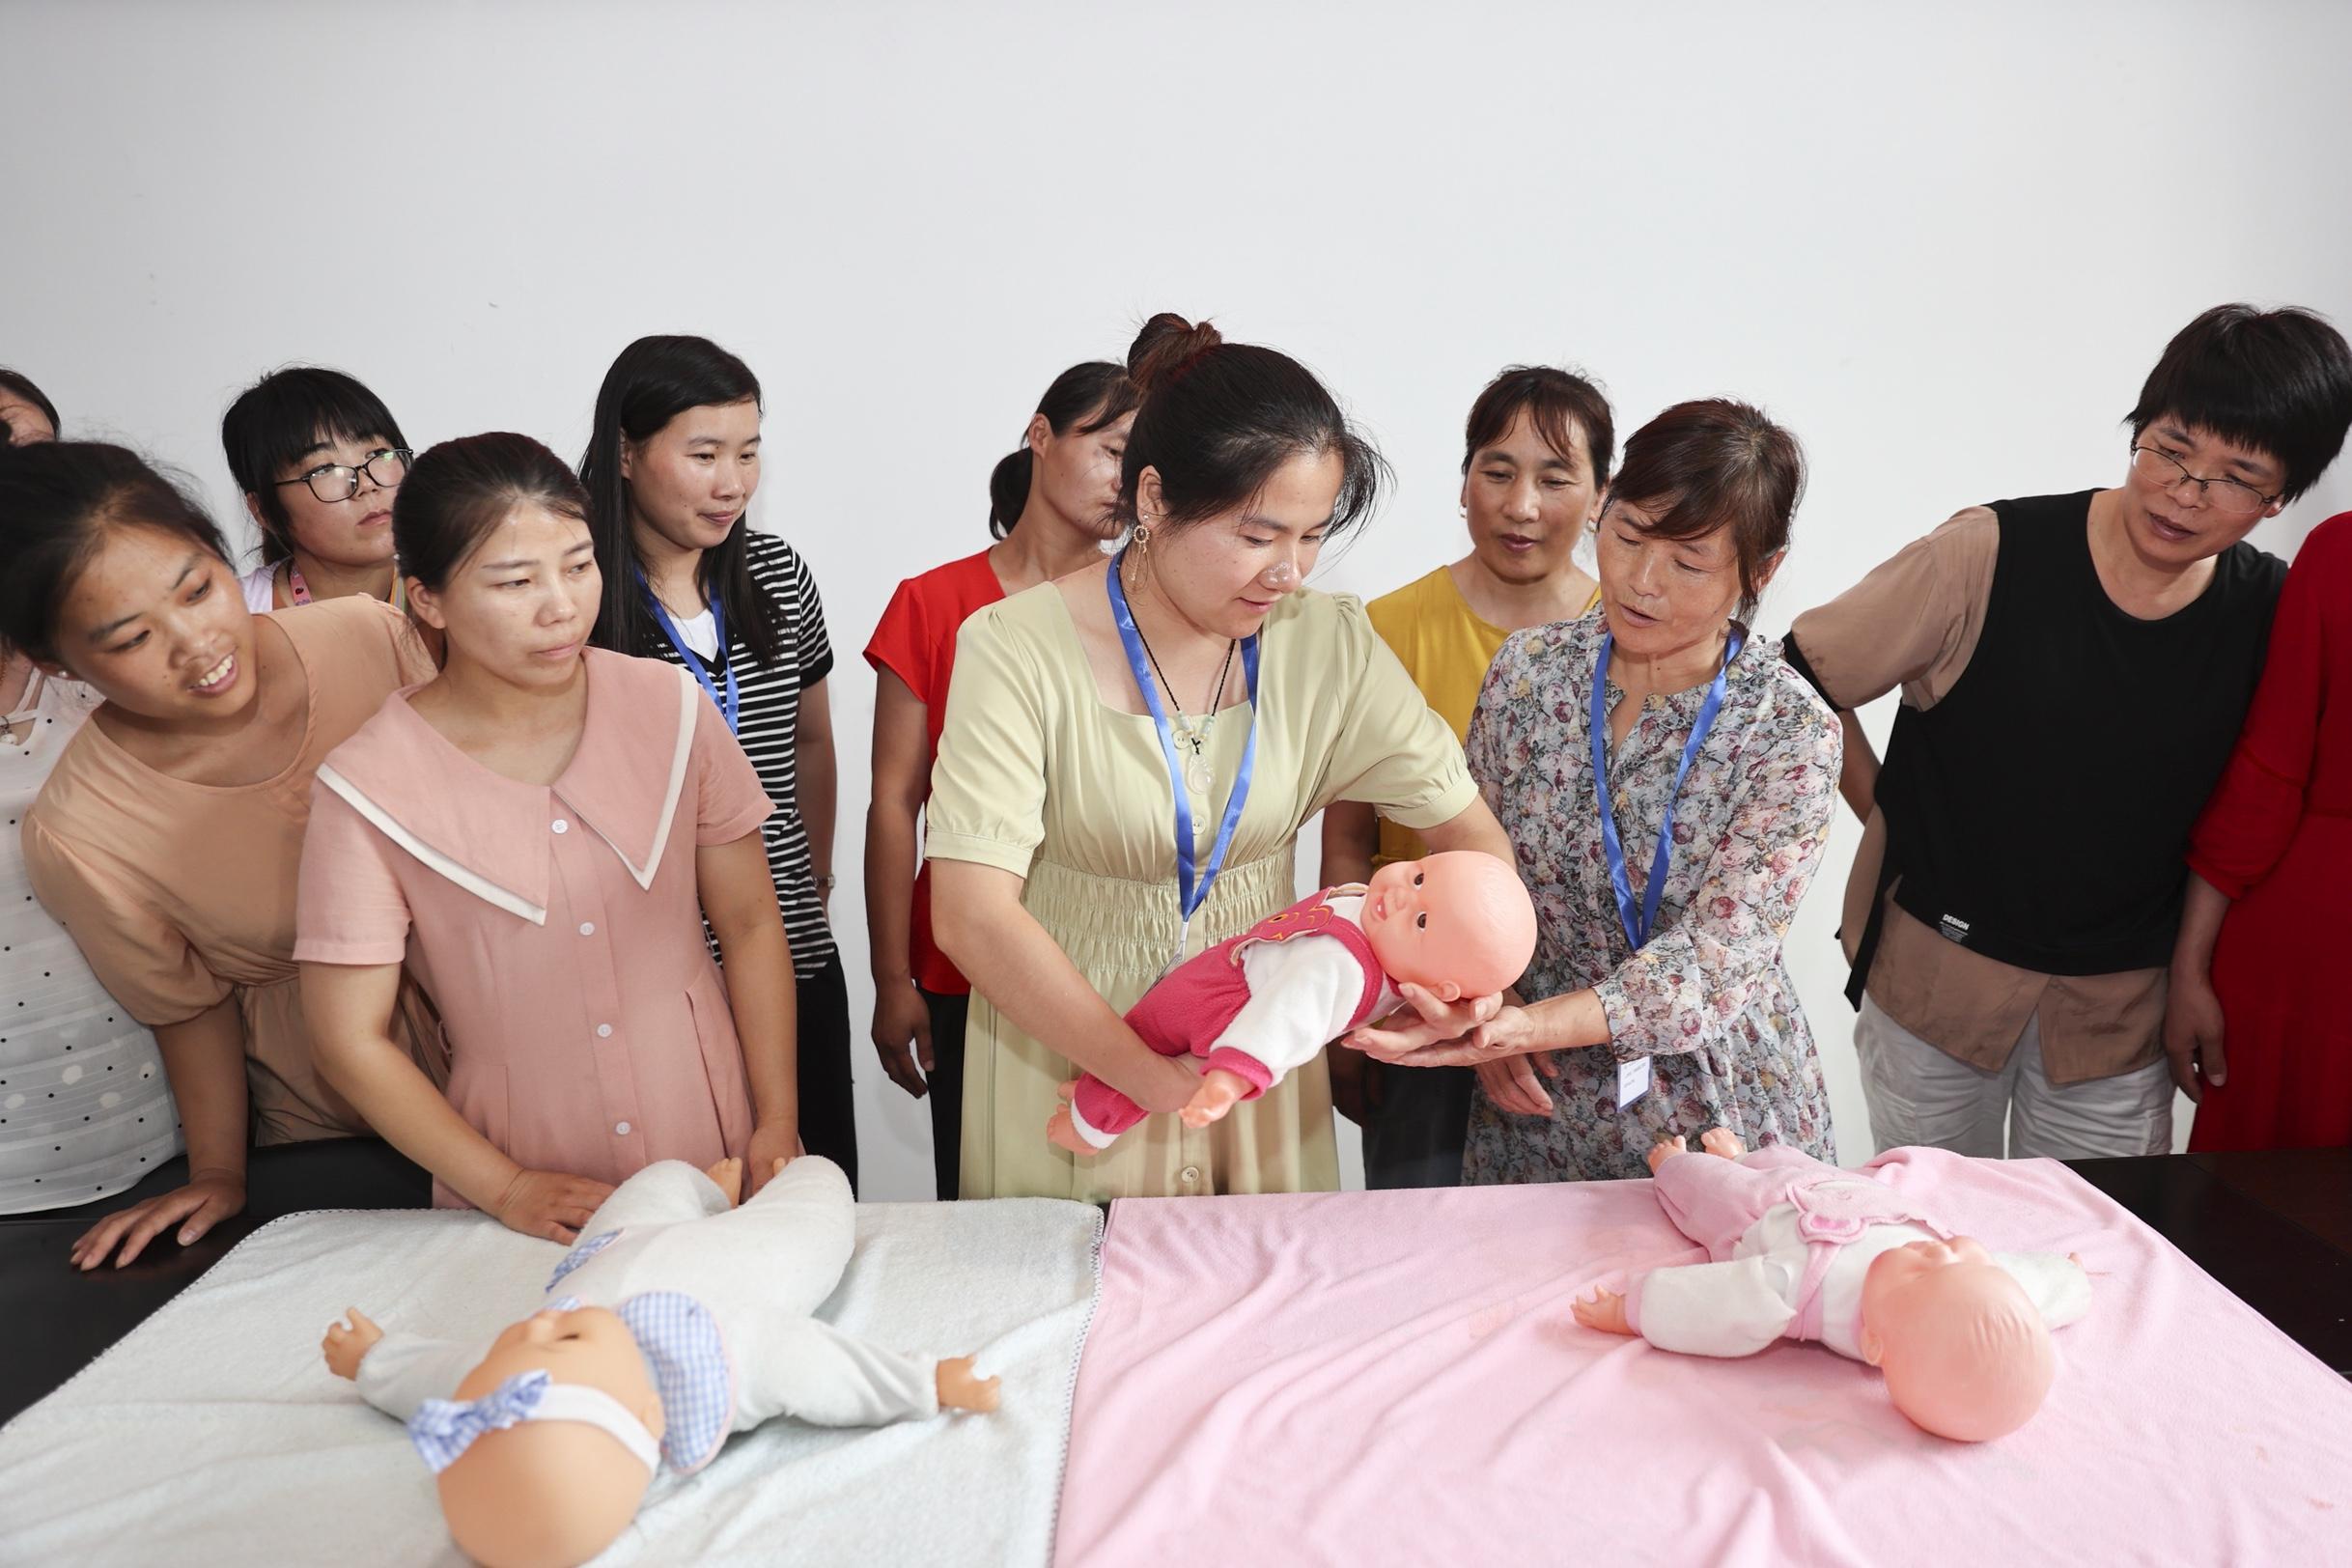 技能培訓促進婦女勞動力就業